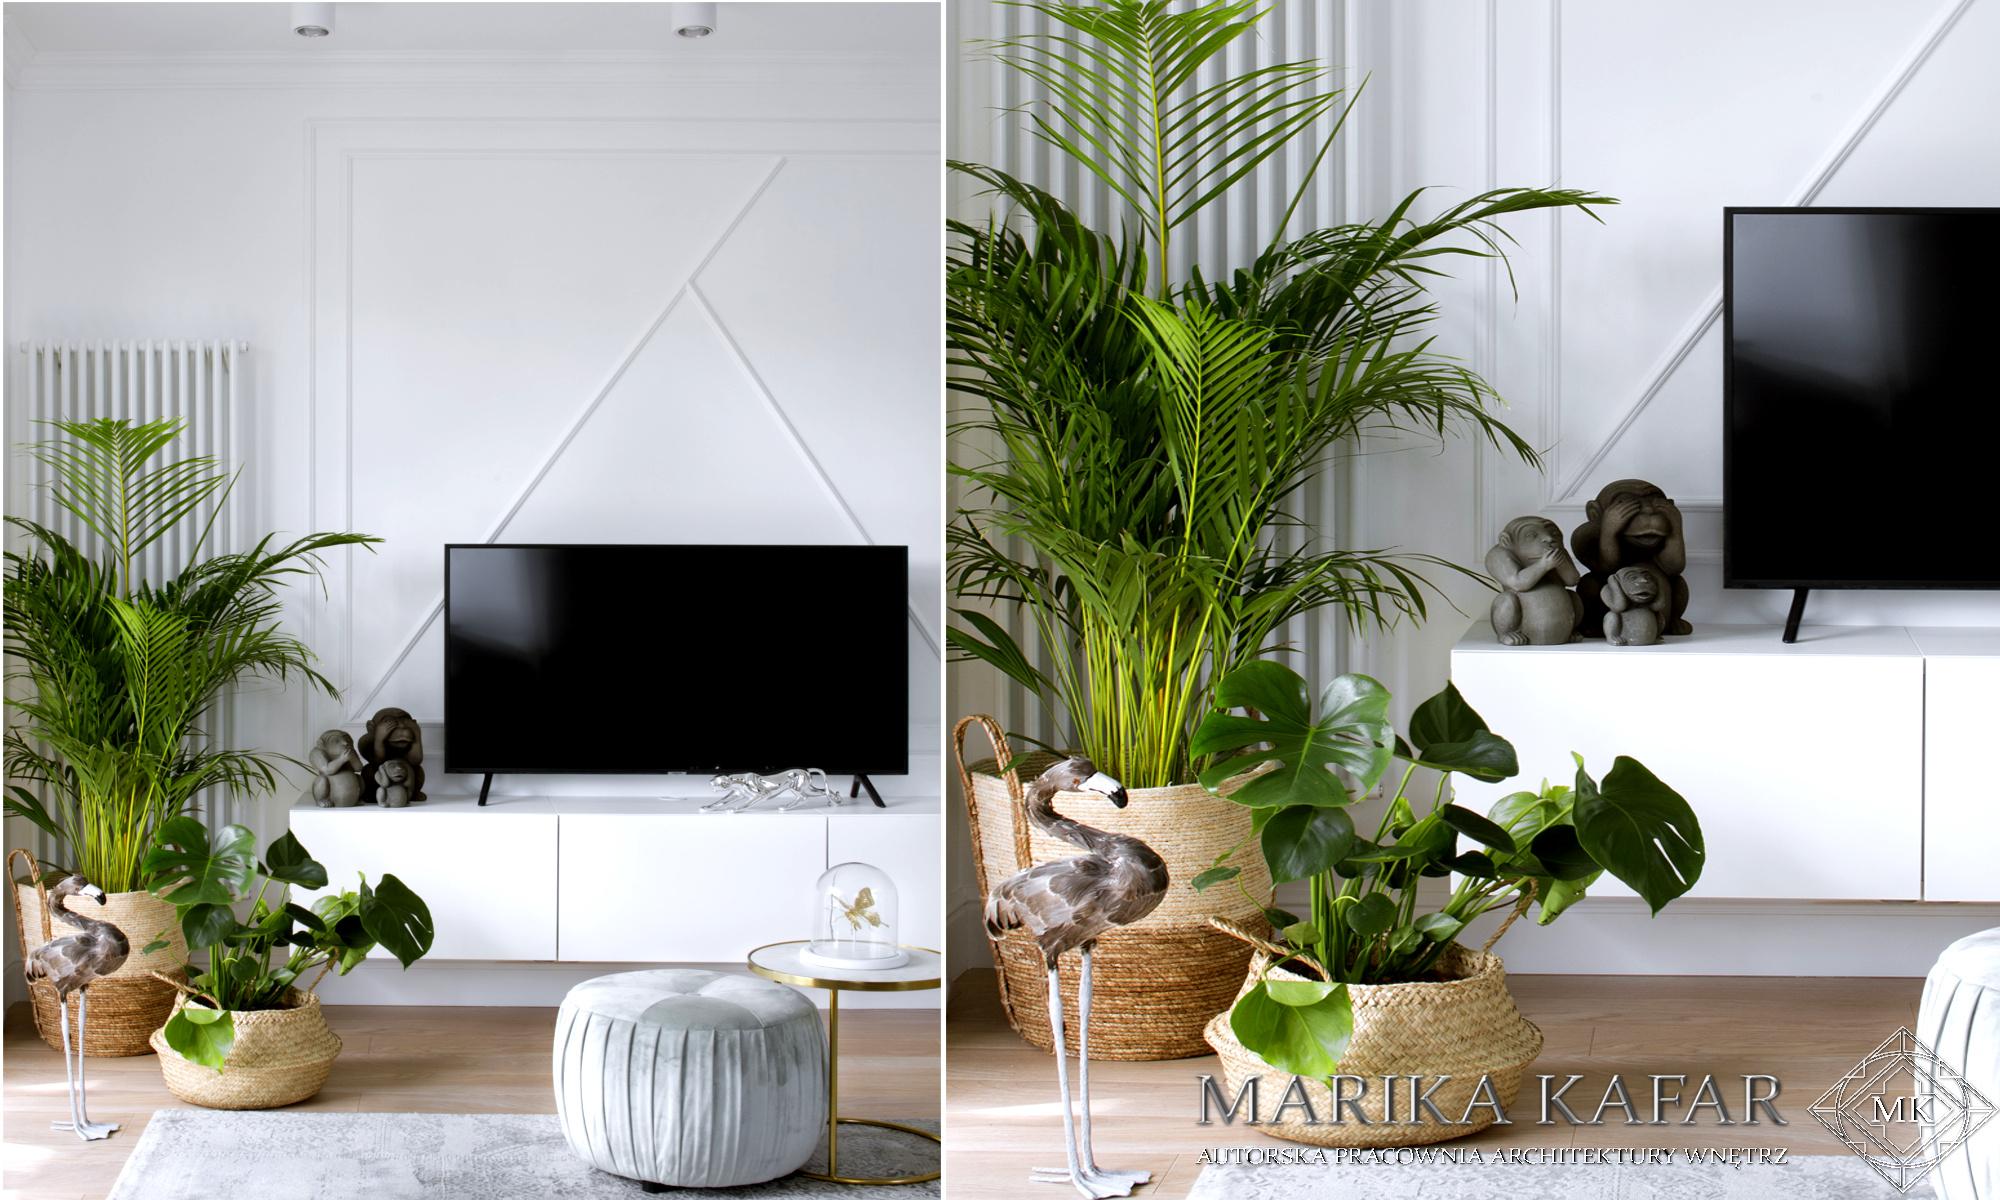 Marika Kafar. Zielone kwiaty ożywiające białe wnętrze.